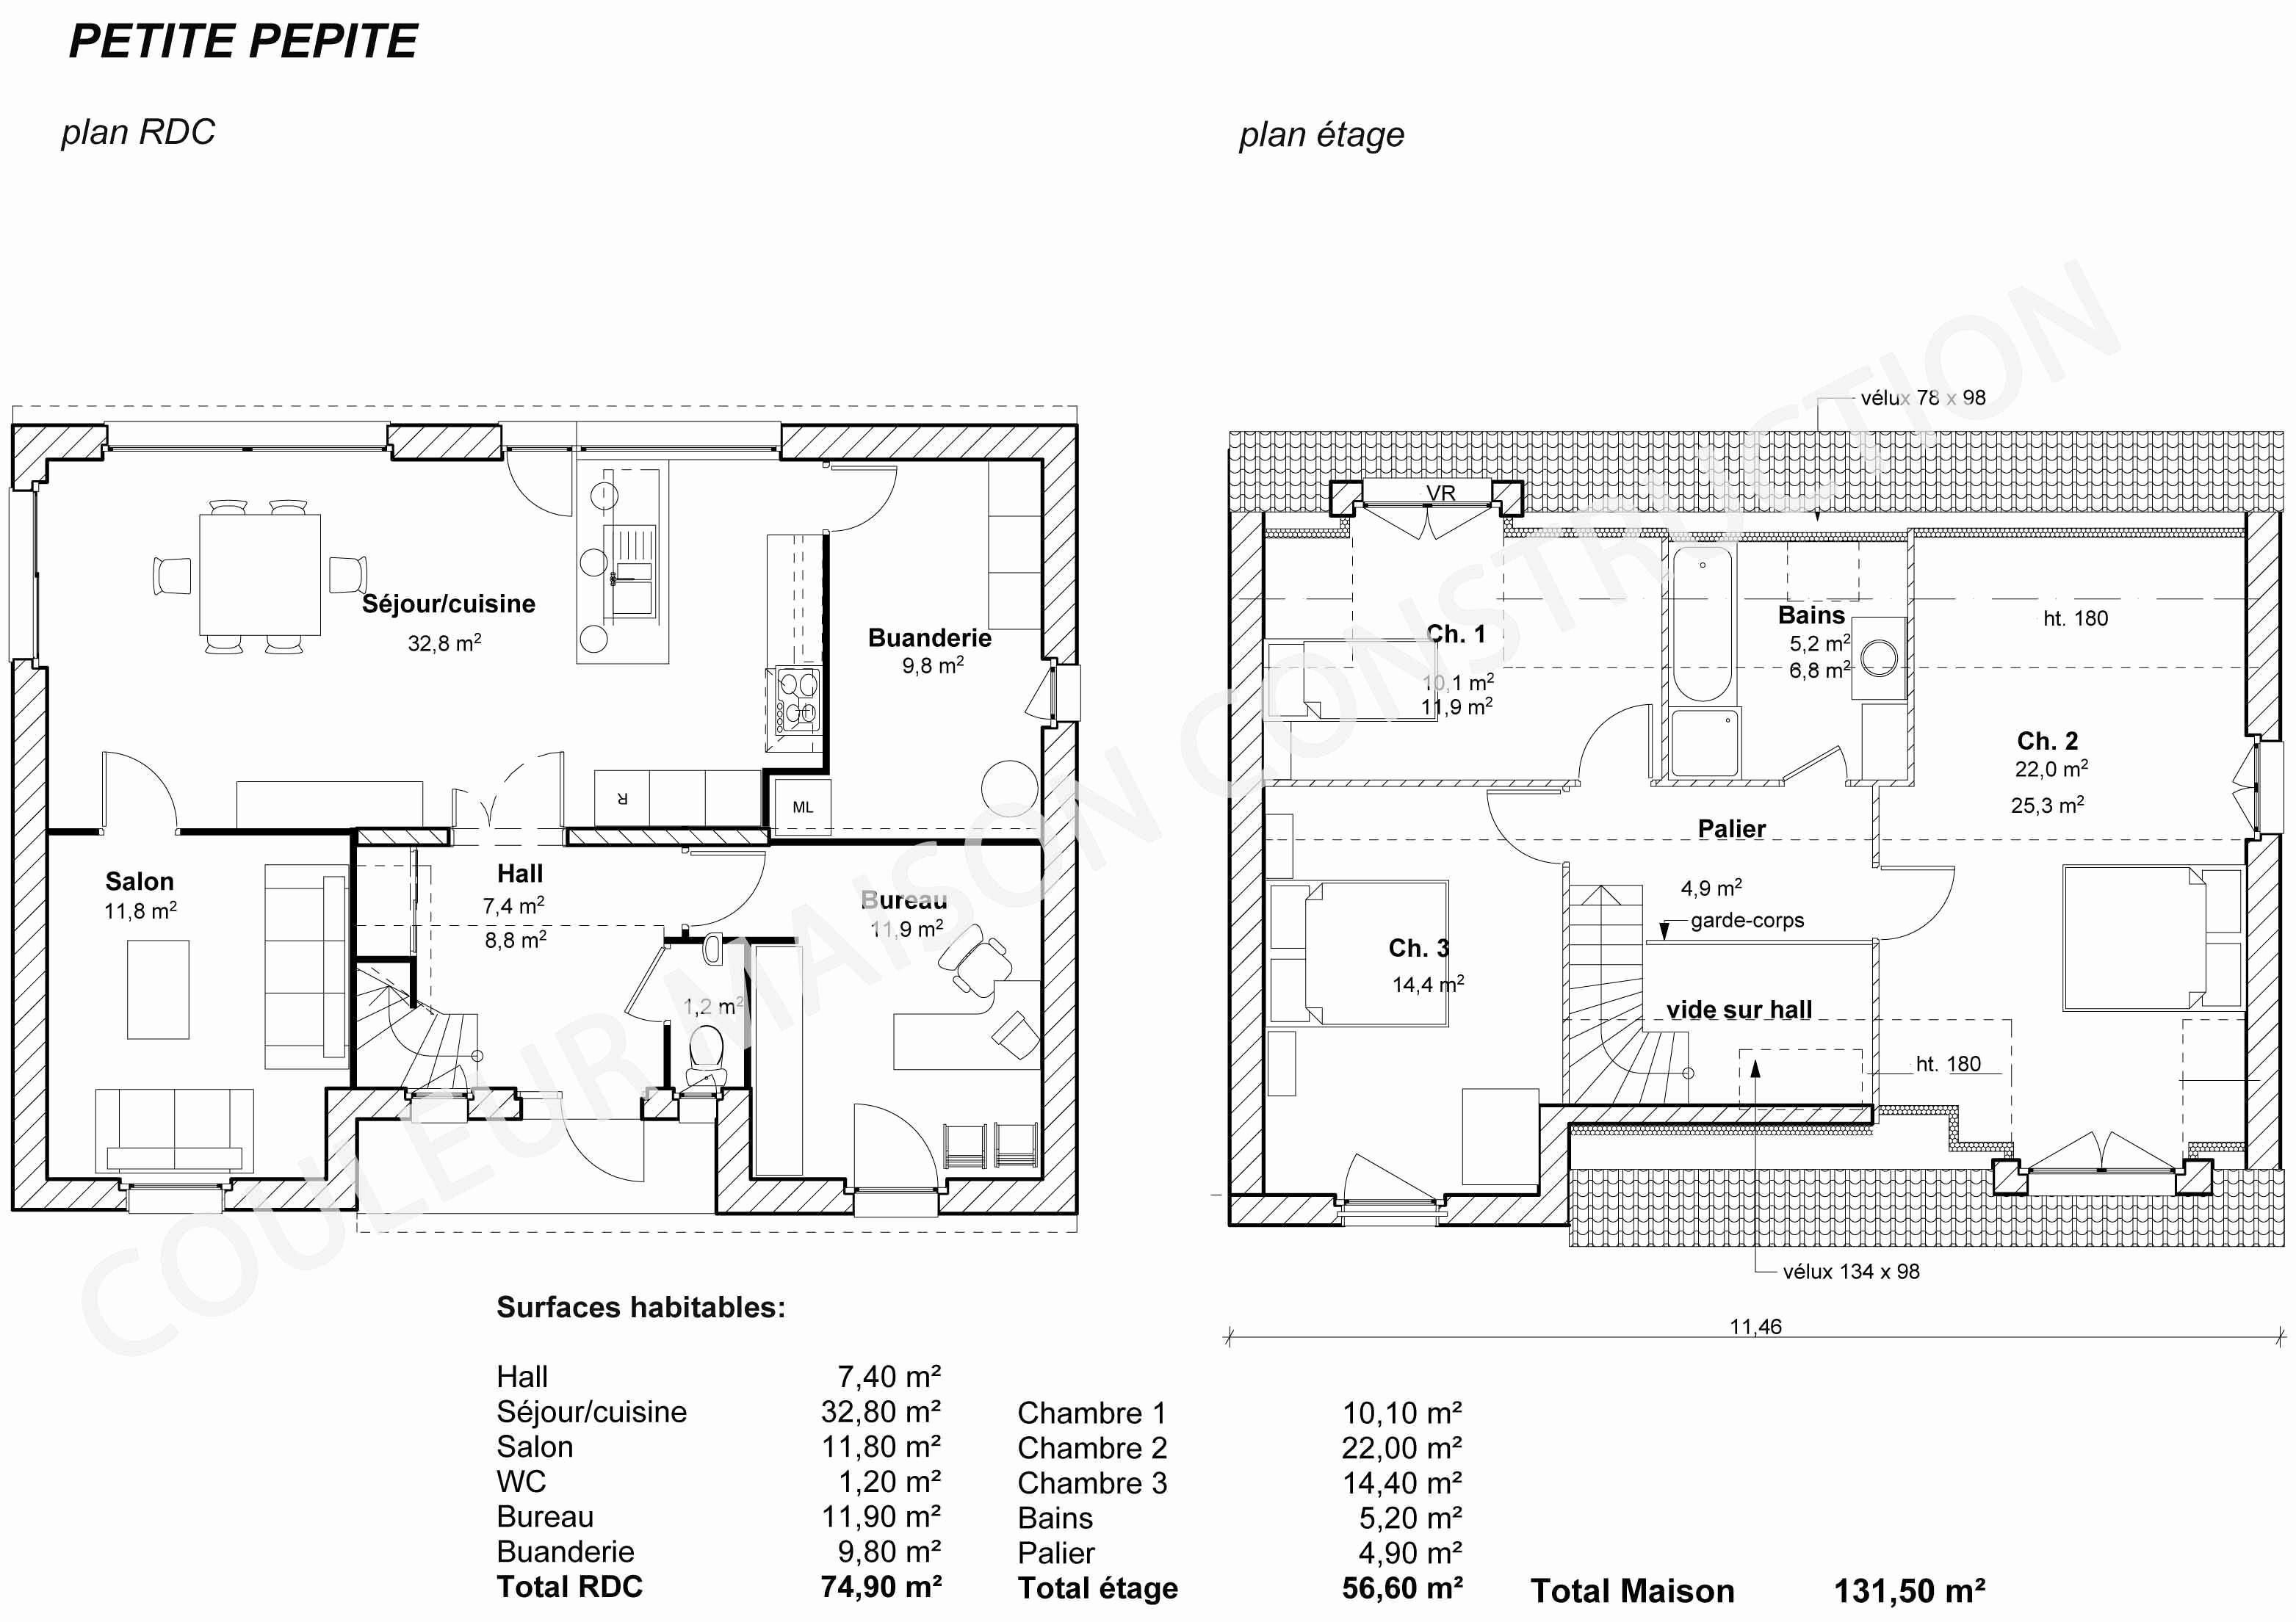 Plan de maison gratuit 4 chambres dwg - Idées de travaux